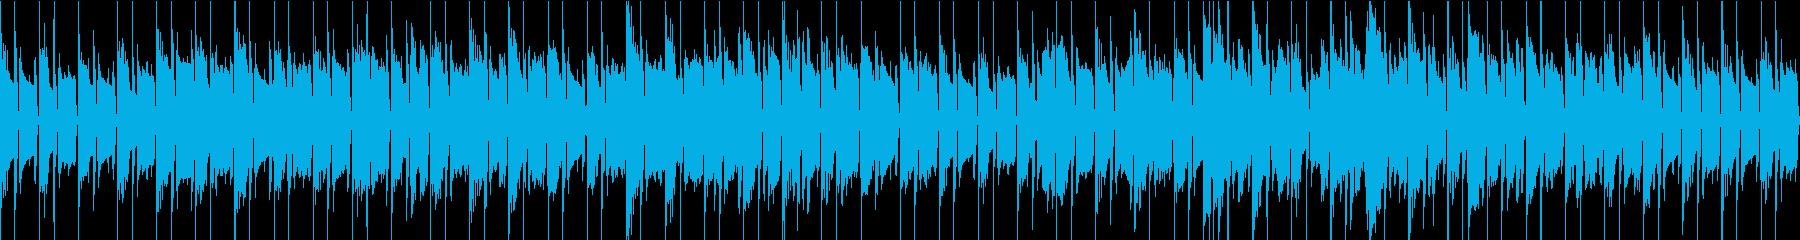 SAX ソロの怪しい雰囲気のループBGMの再生済みの波形